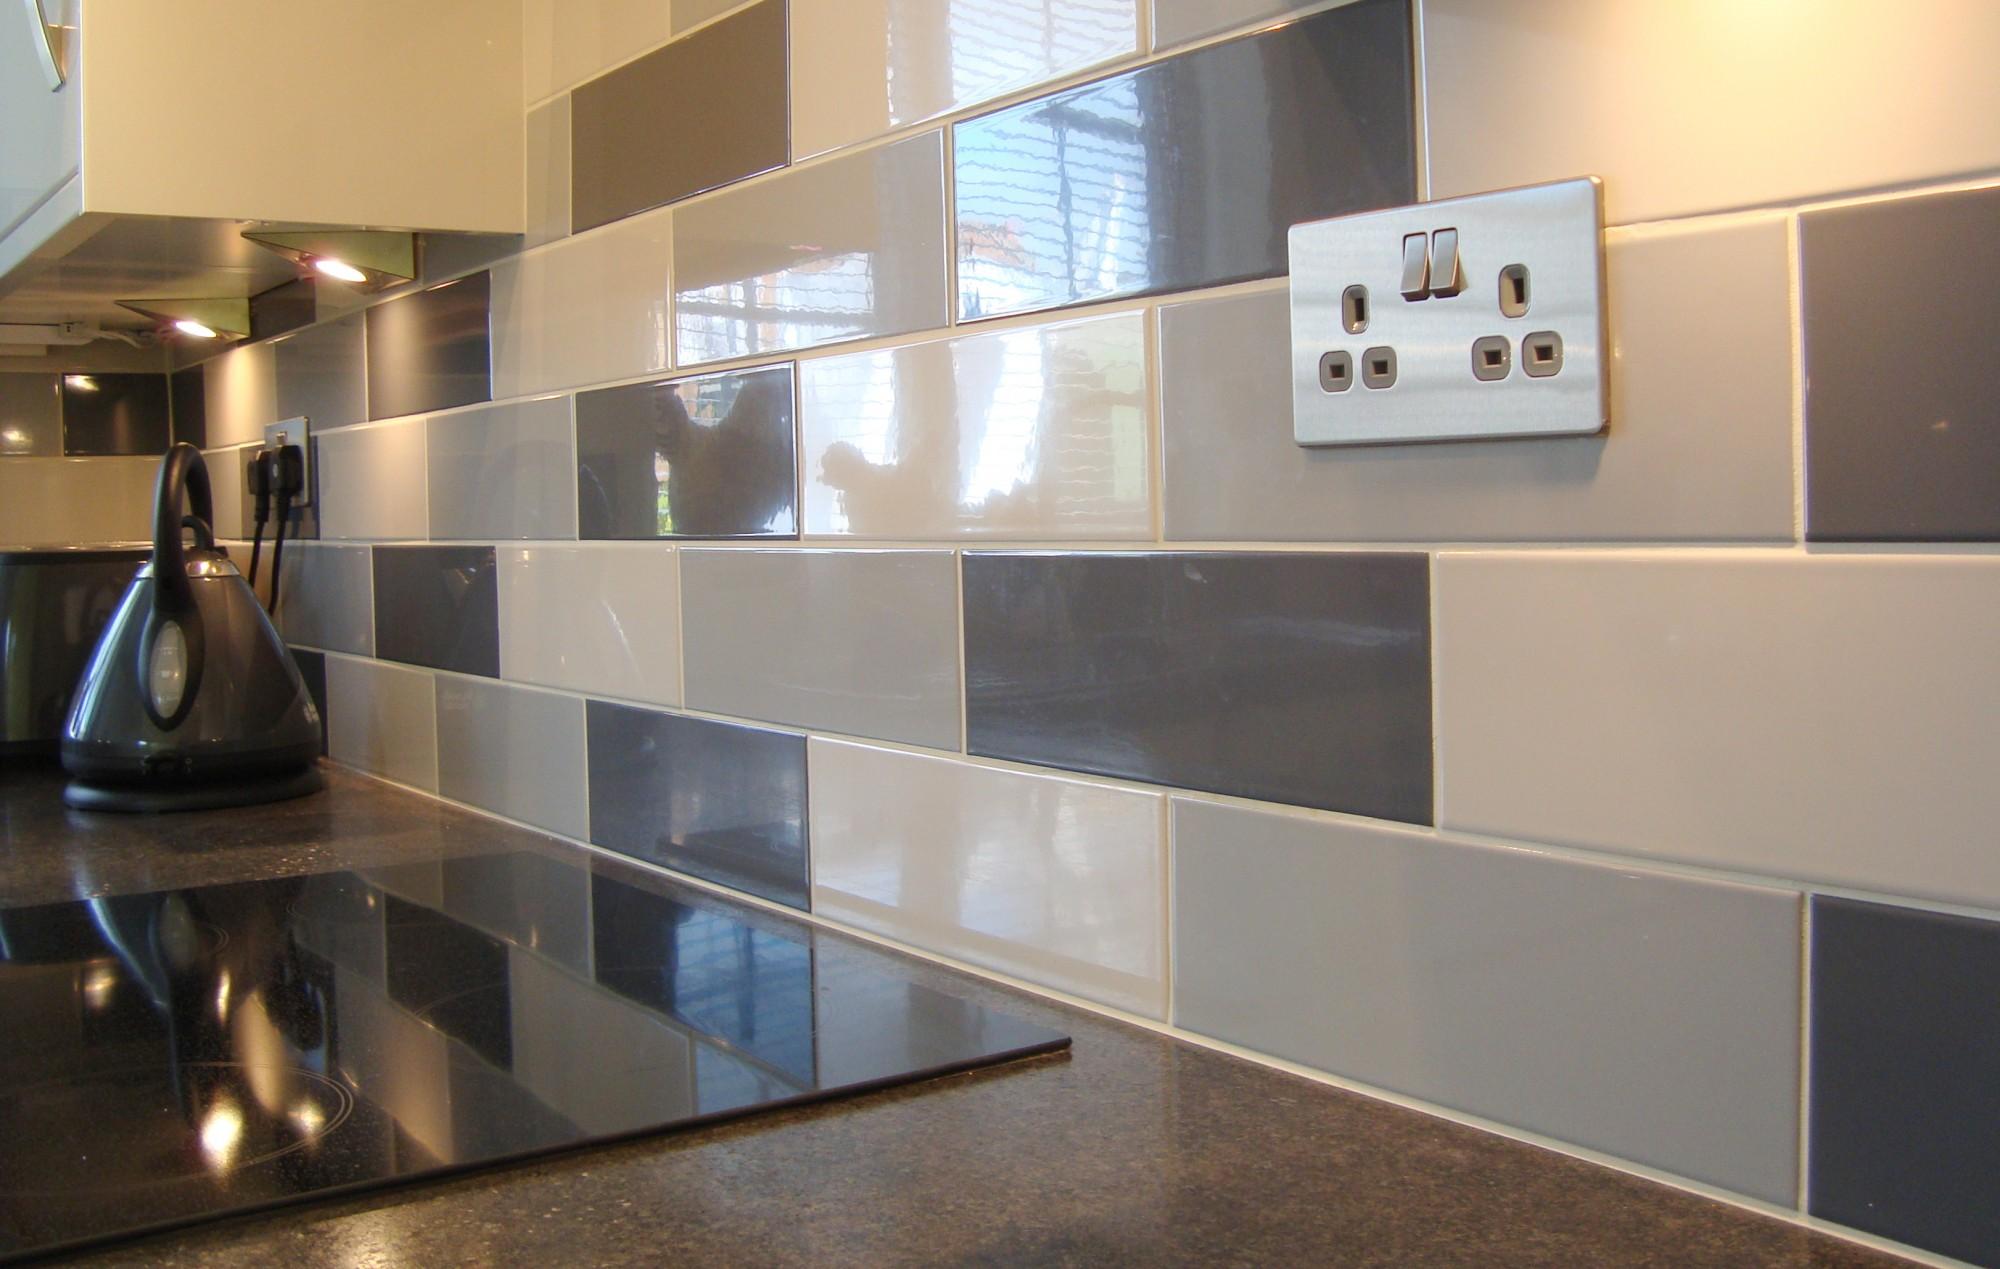 kitchen wall tiles full size of kitchen:cool ceramic tile flooring bath floor tile designer  tiles ZTXVKGG